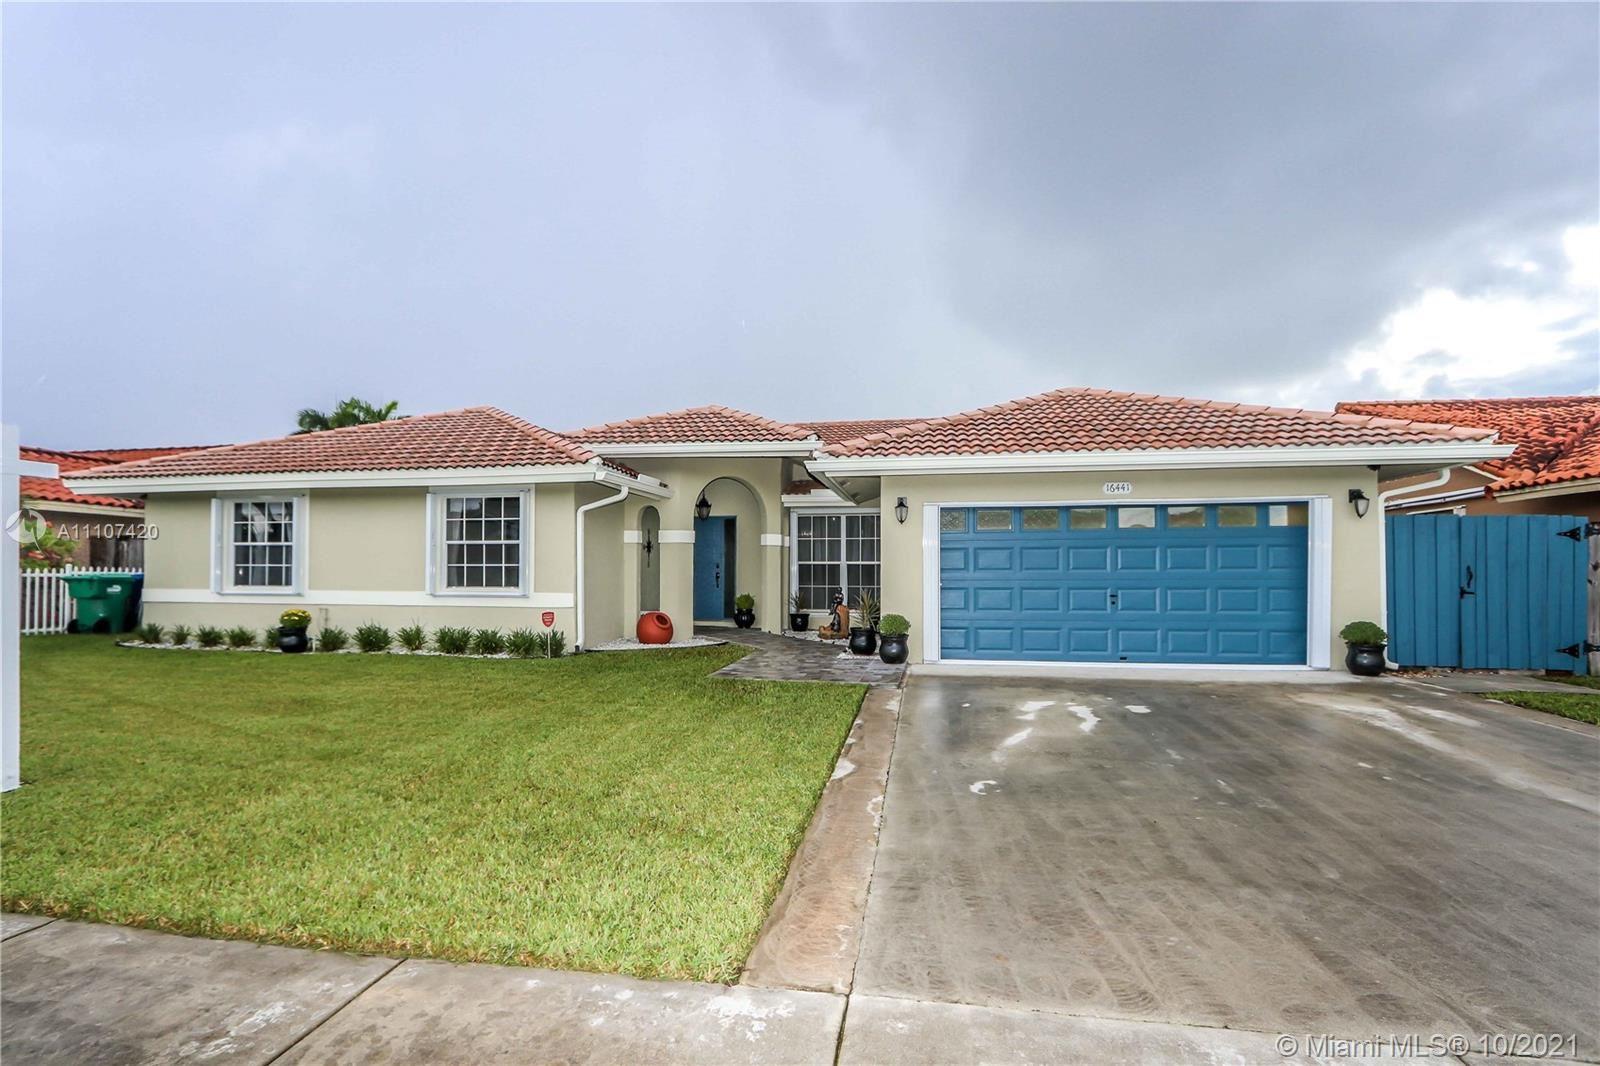 16441 SW 145th Ct, Miami, FL 33177 - #: A11107420